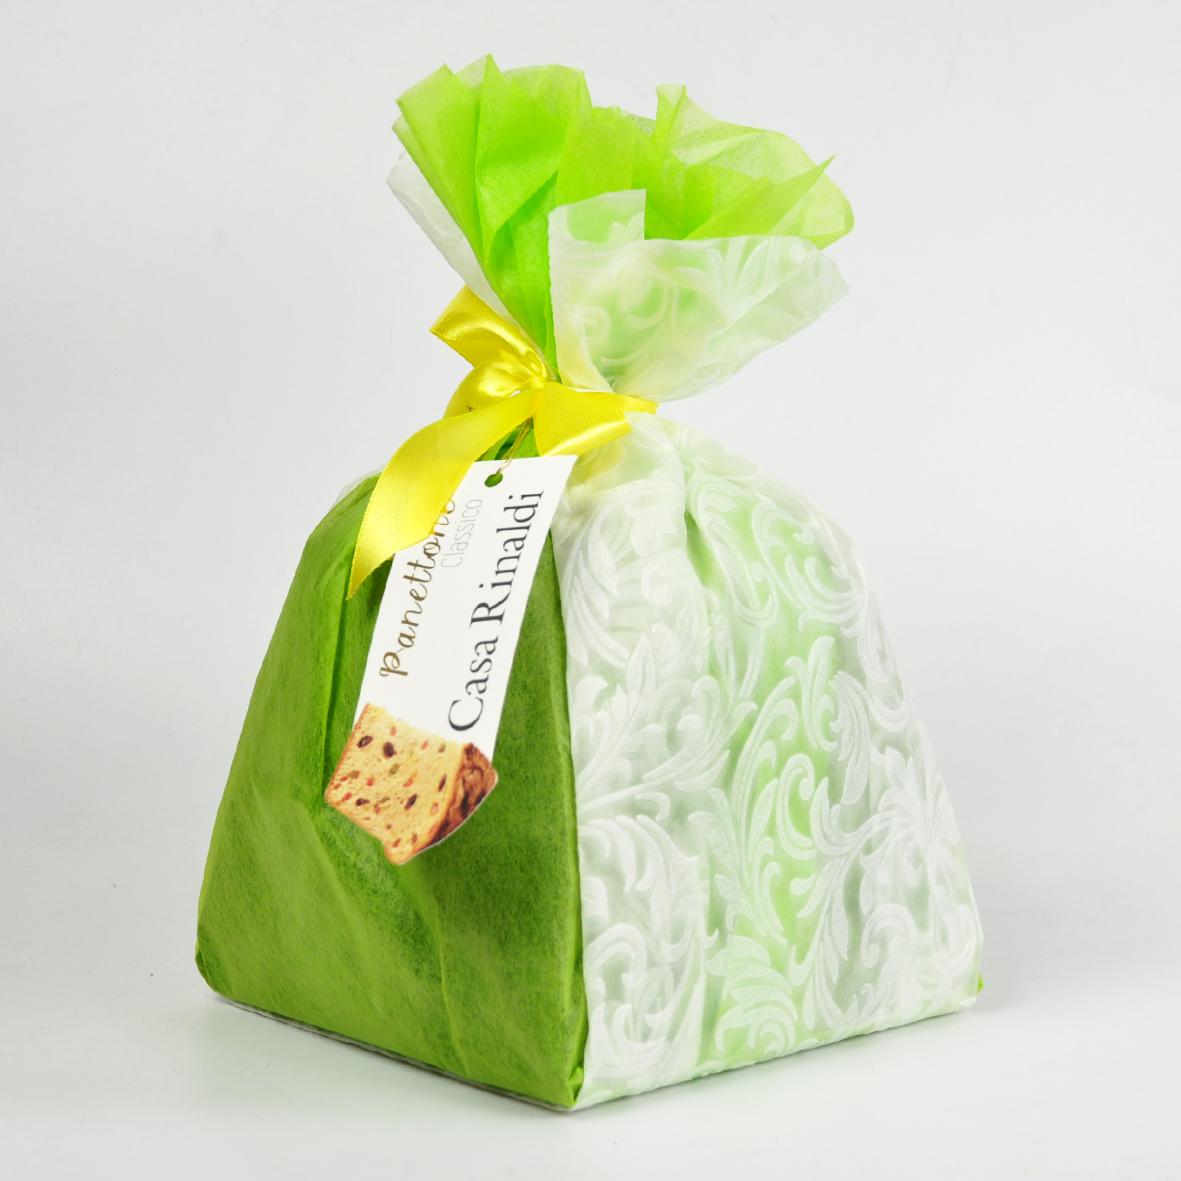 Кулич итальянский Casa Rinaldi 750 г (зелёный) упакован вручную